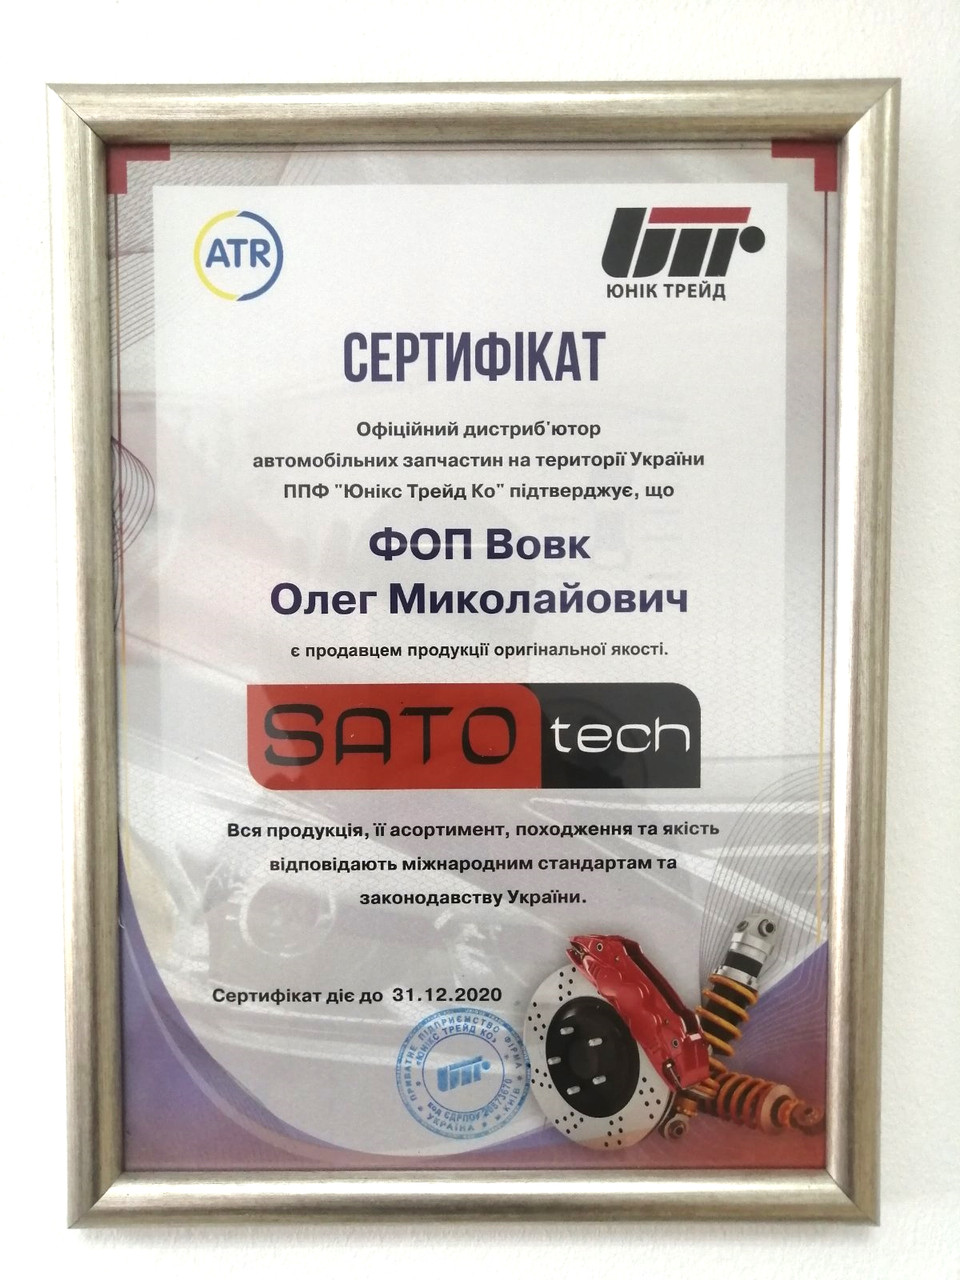 SATO Q+ Радіатор MAZDA 626 92-